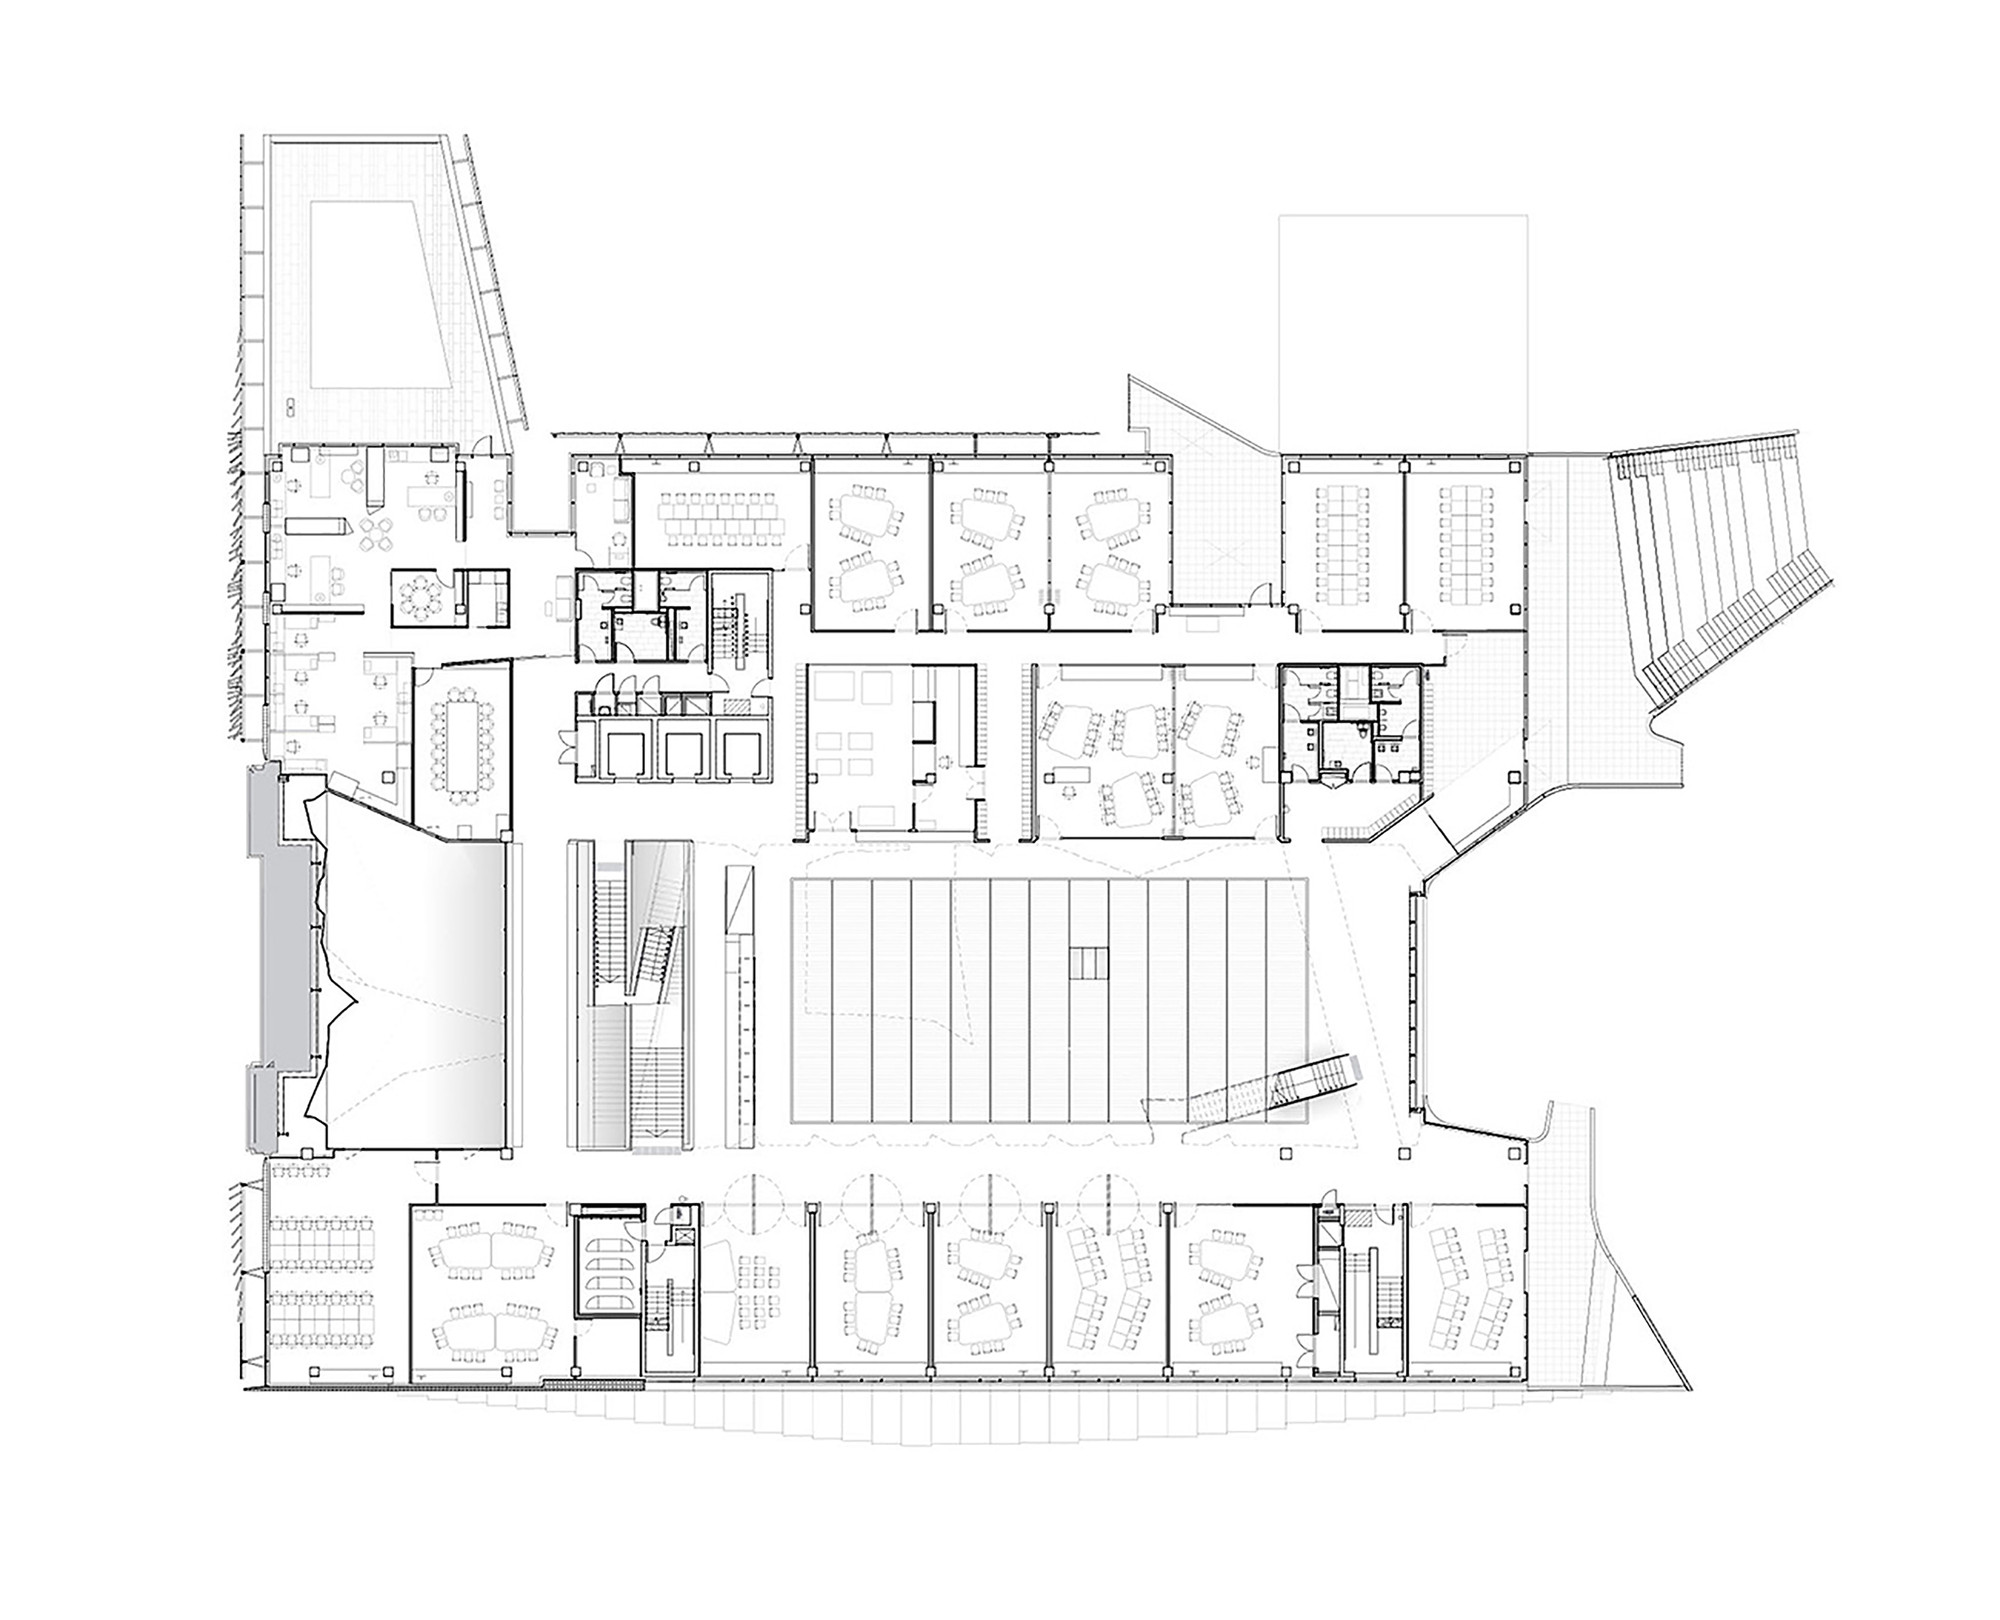 Museum Floor Plans Gallery Of Melbourne School Of Design University Of